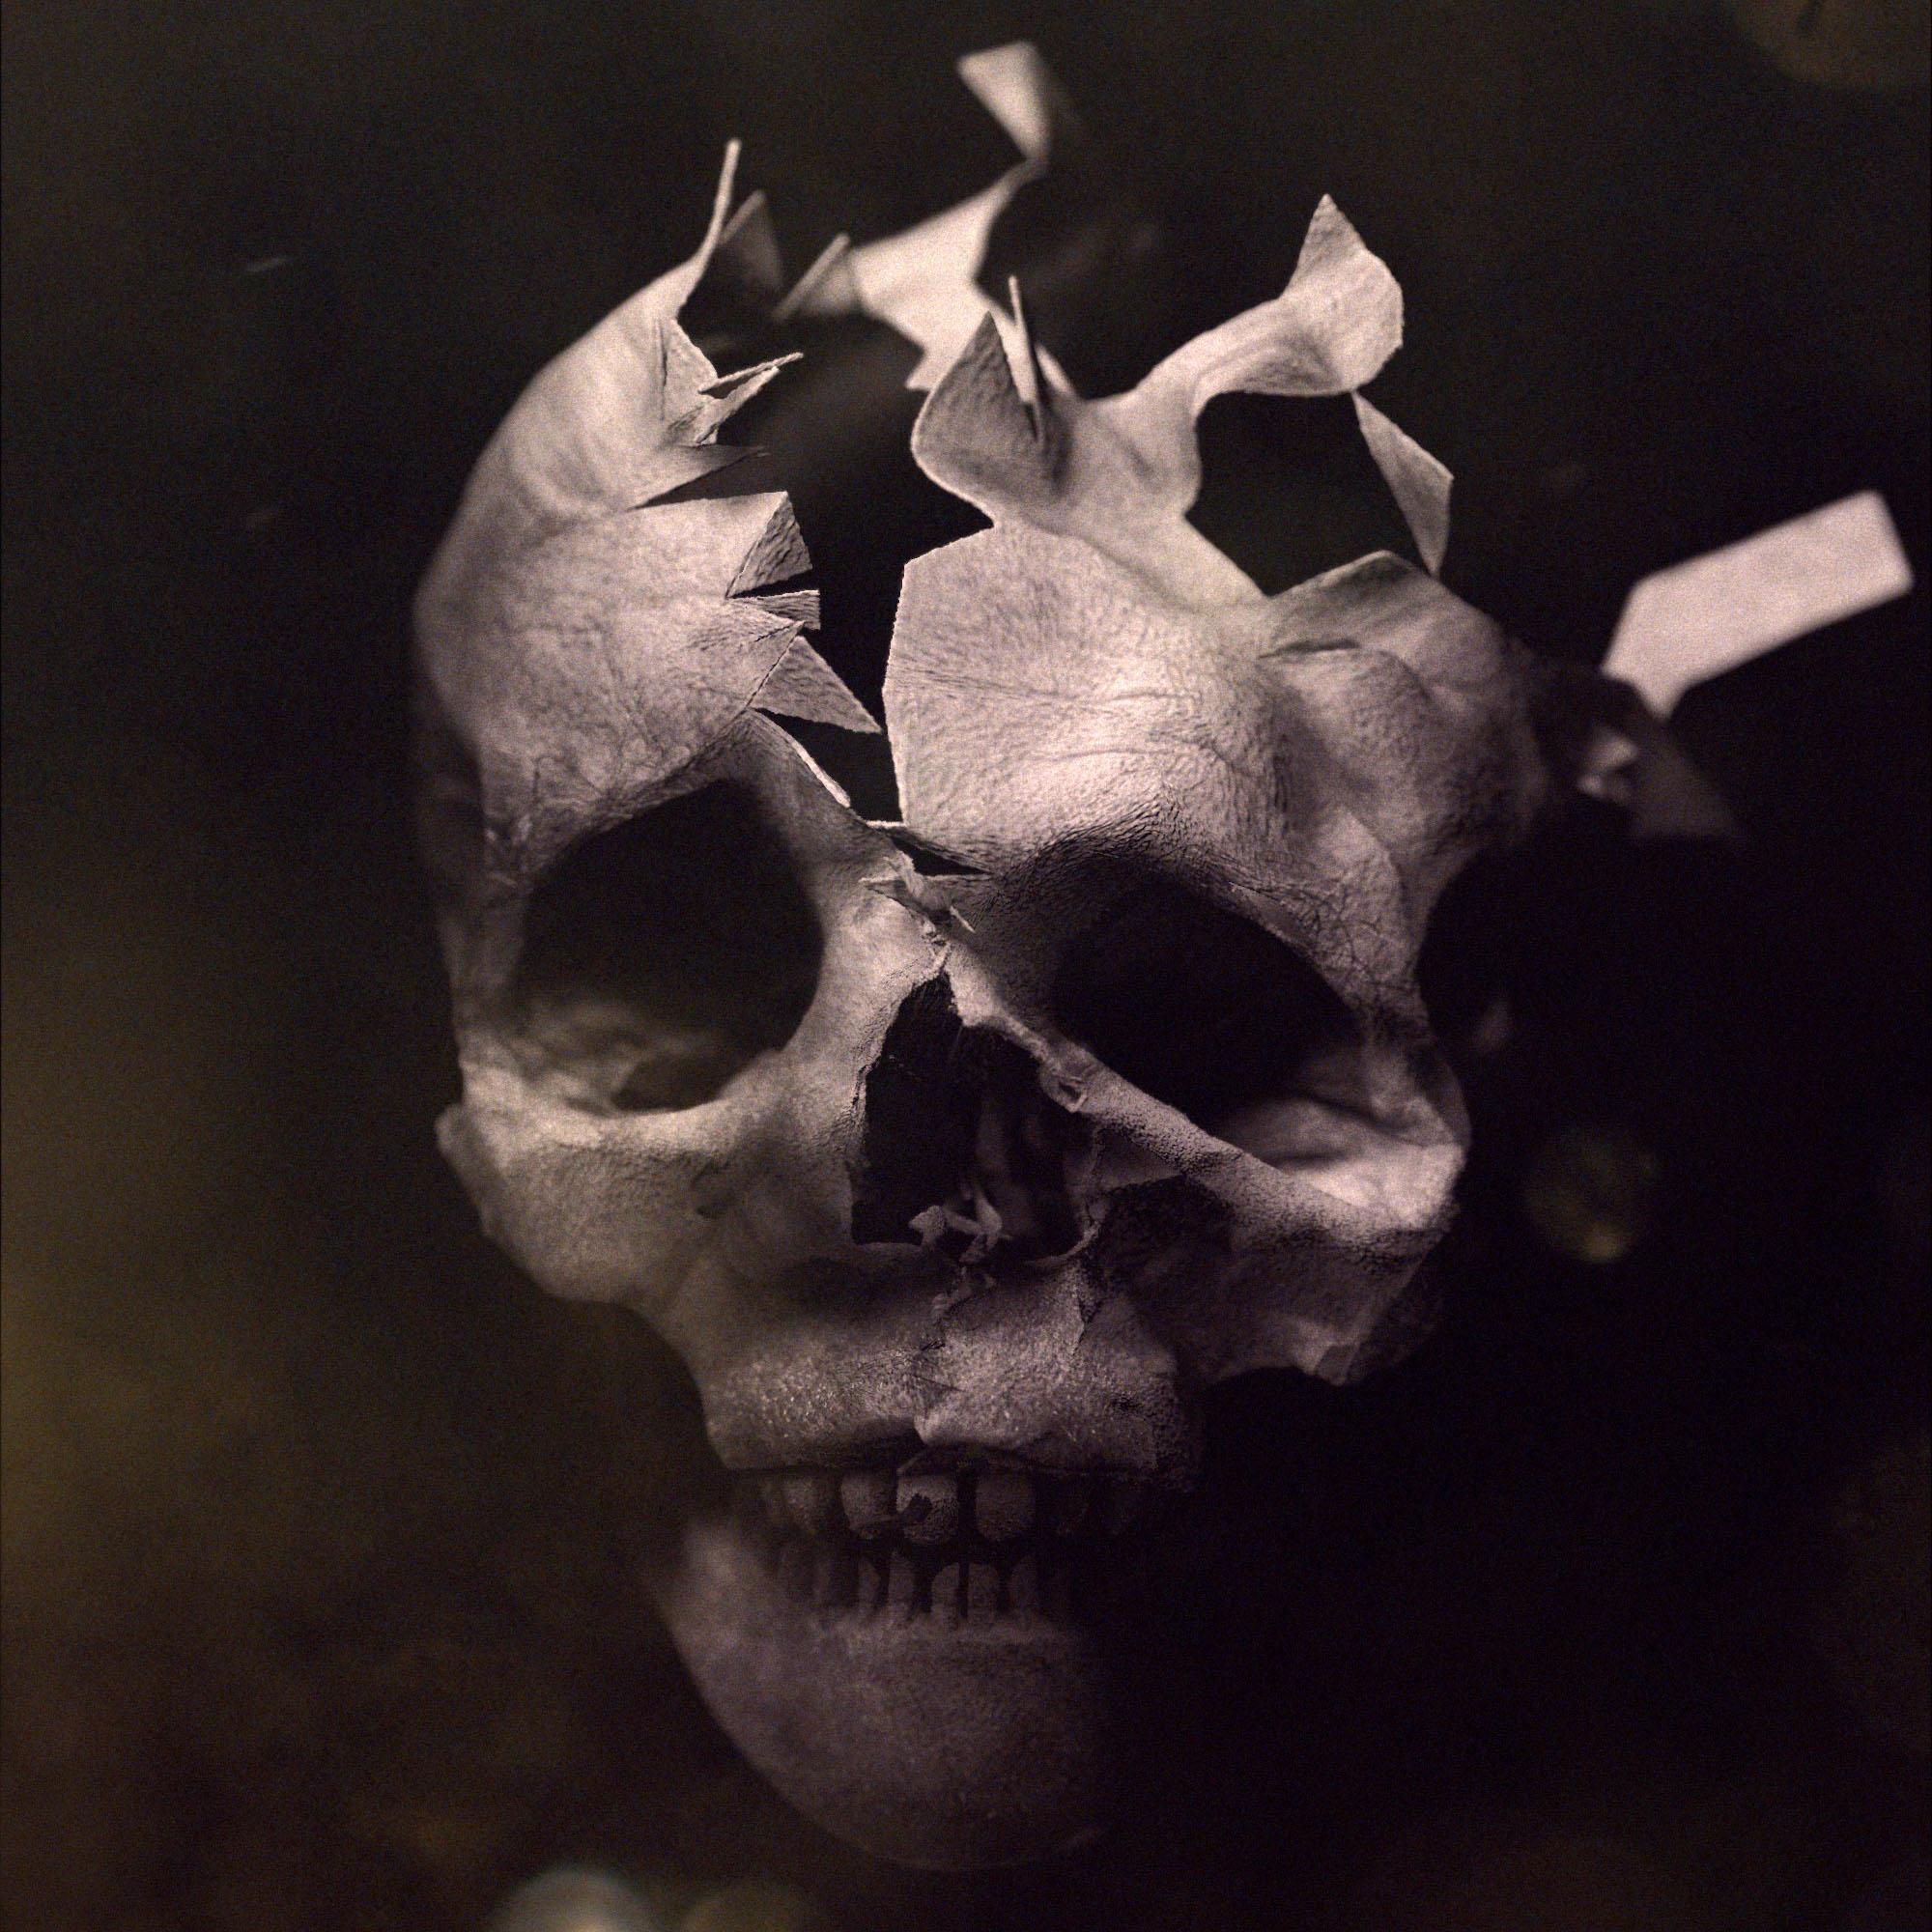 2015_09_15_skull_cloth_v1.jpg